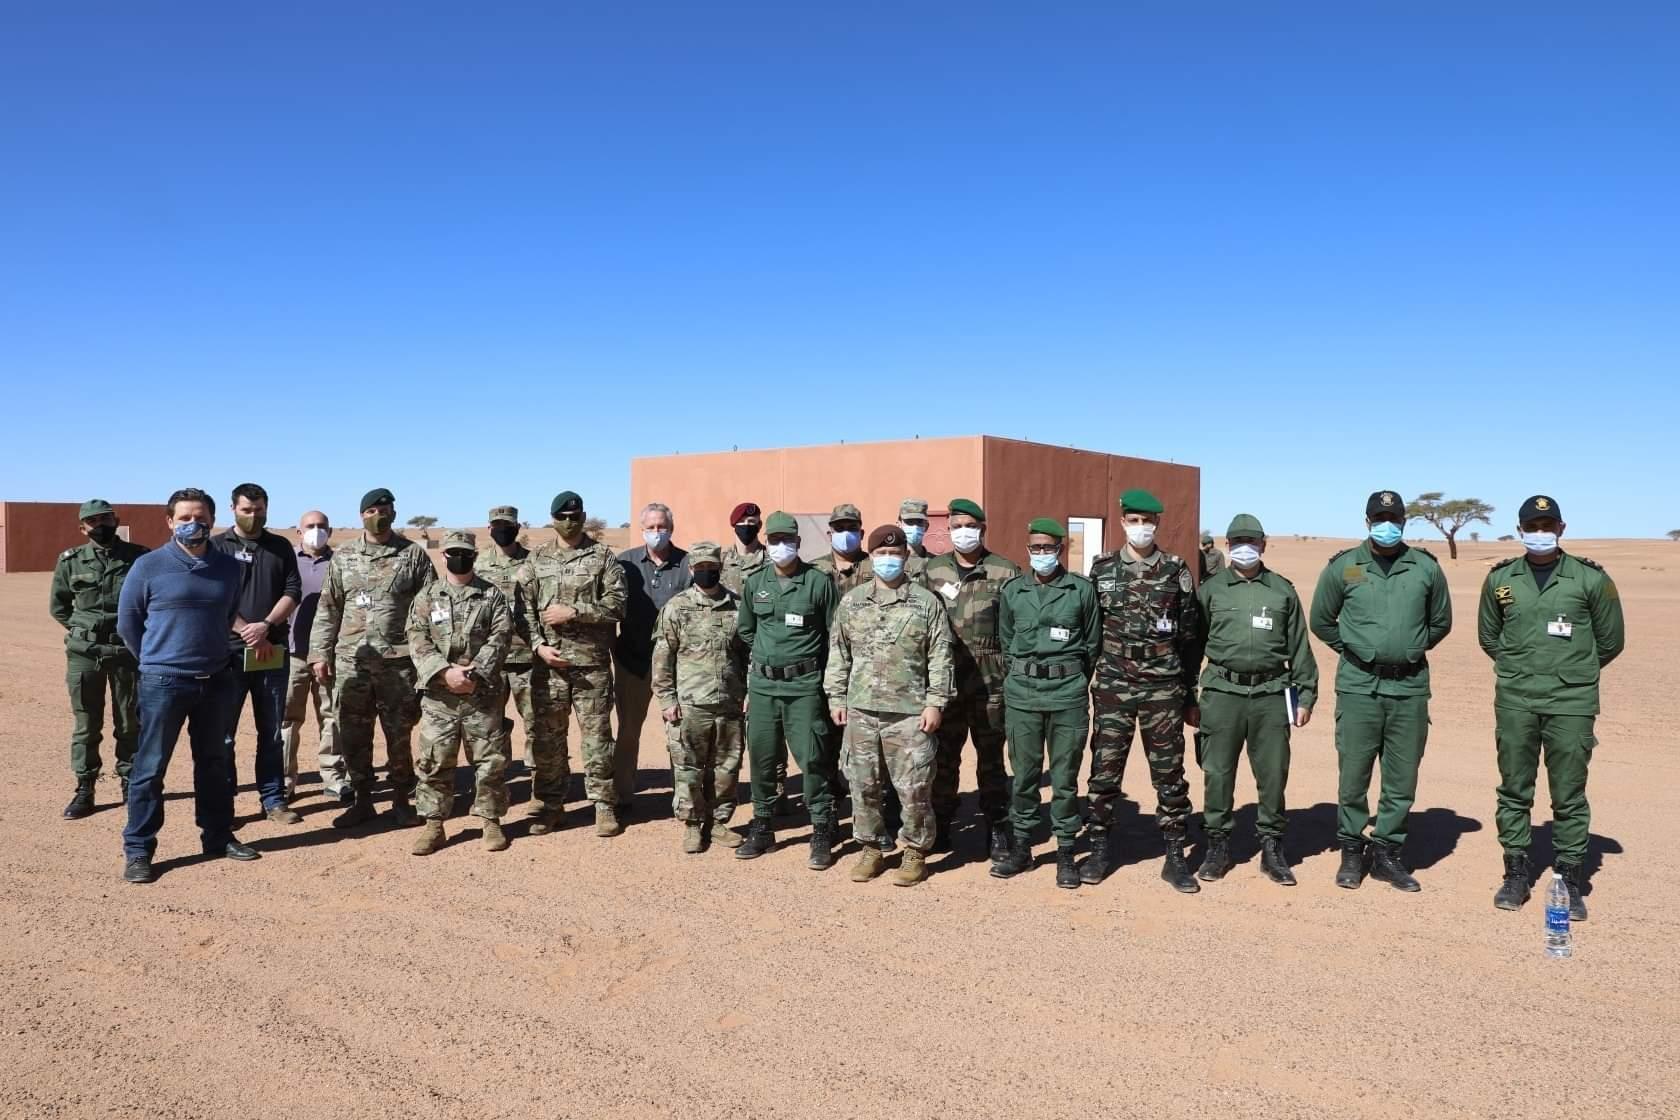 """تحضيرا لـ الأسد الإفريقي"""".. وفد عسكري أمريكي يزور المنطقة العسكرية الجنوبية للمغرب"""